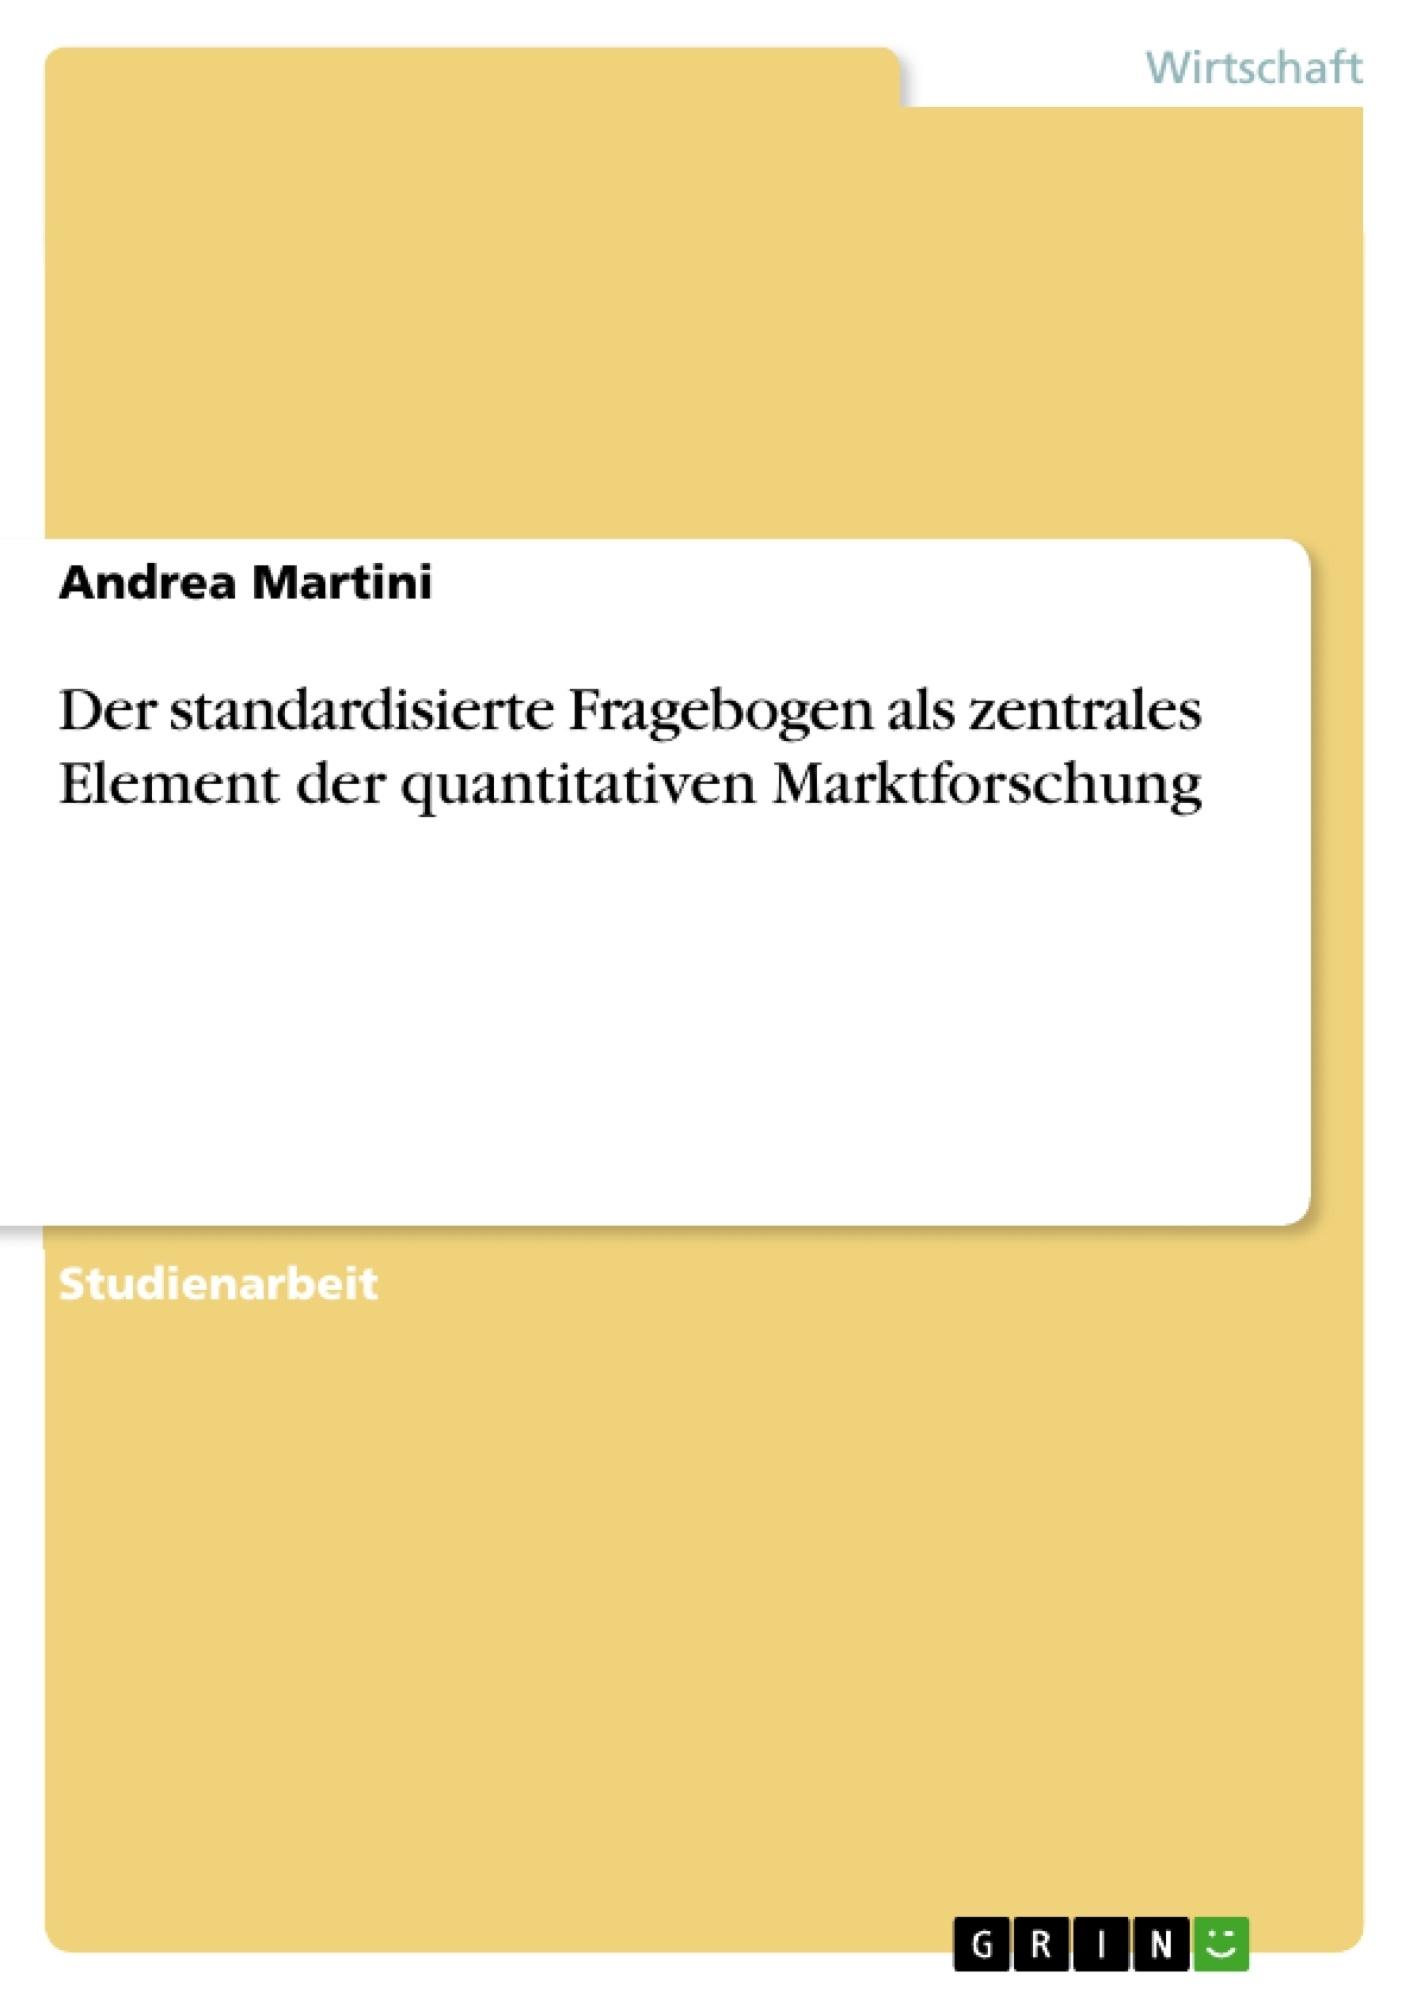 Titel: Der standardisierte Fragebogen als zentrales Element der quantitativen Marktforschung